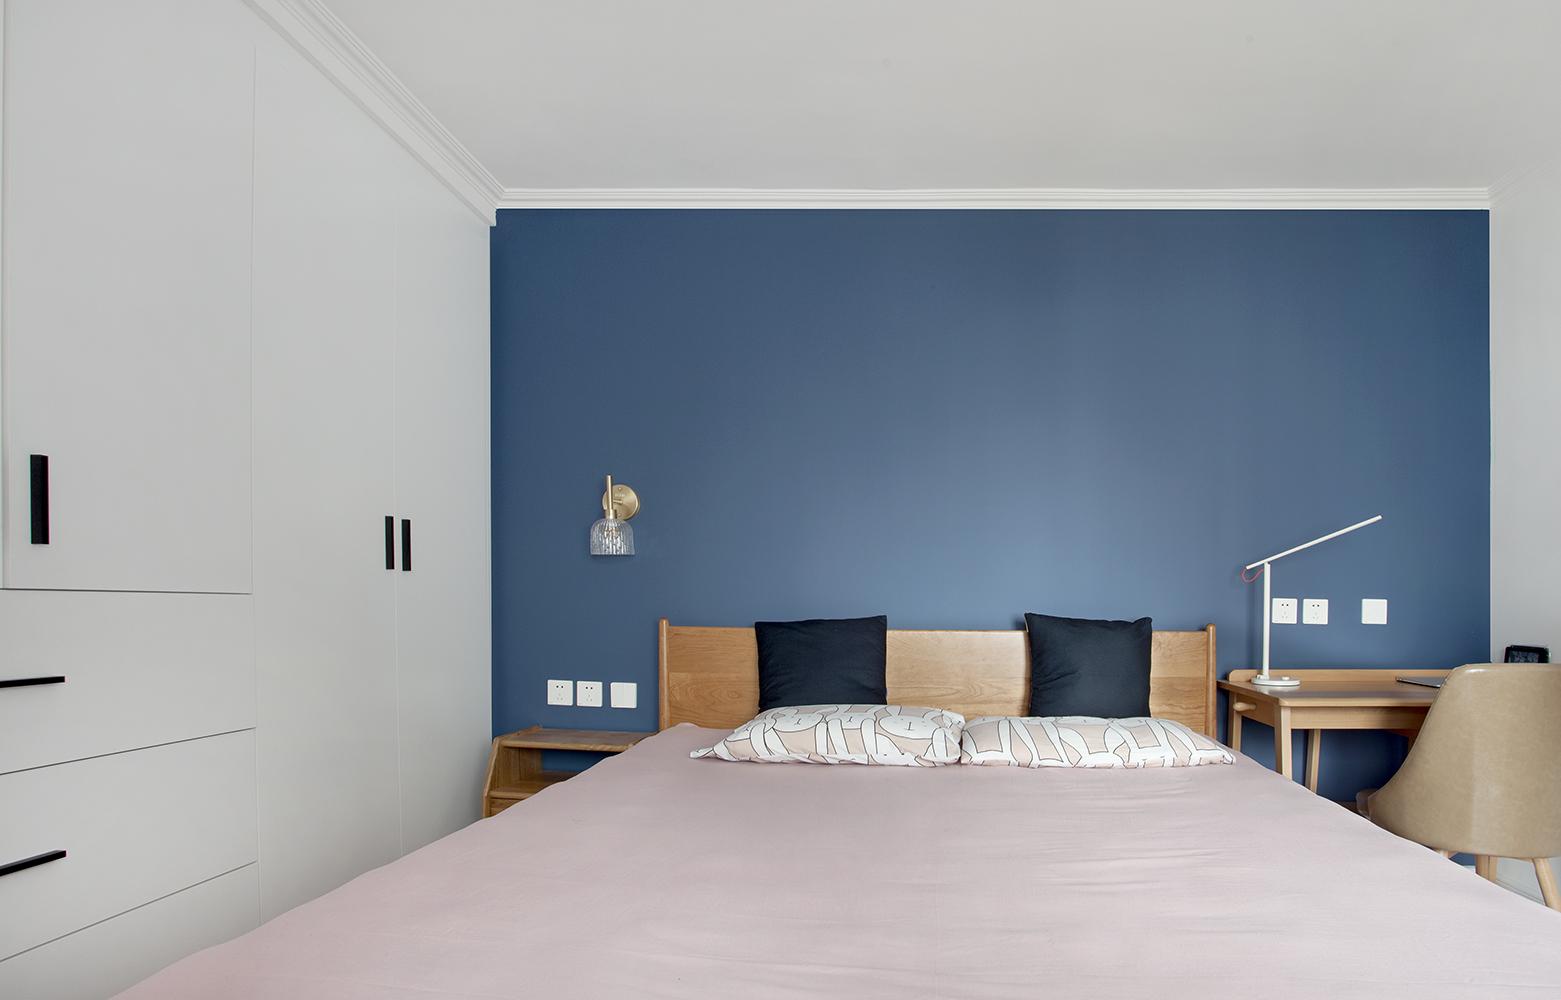 墨绿+深蓝,她把经济实用小家装扮得立显高级